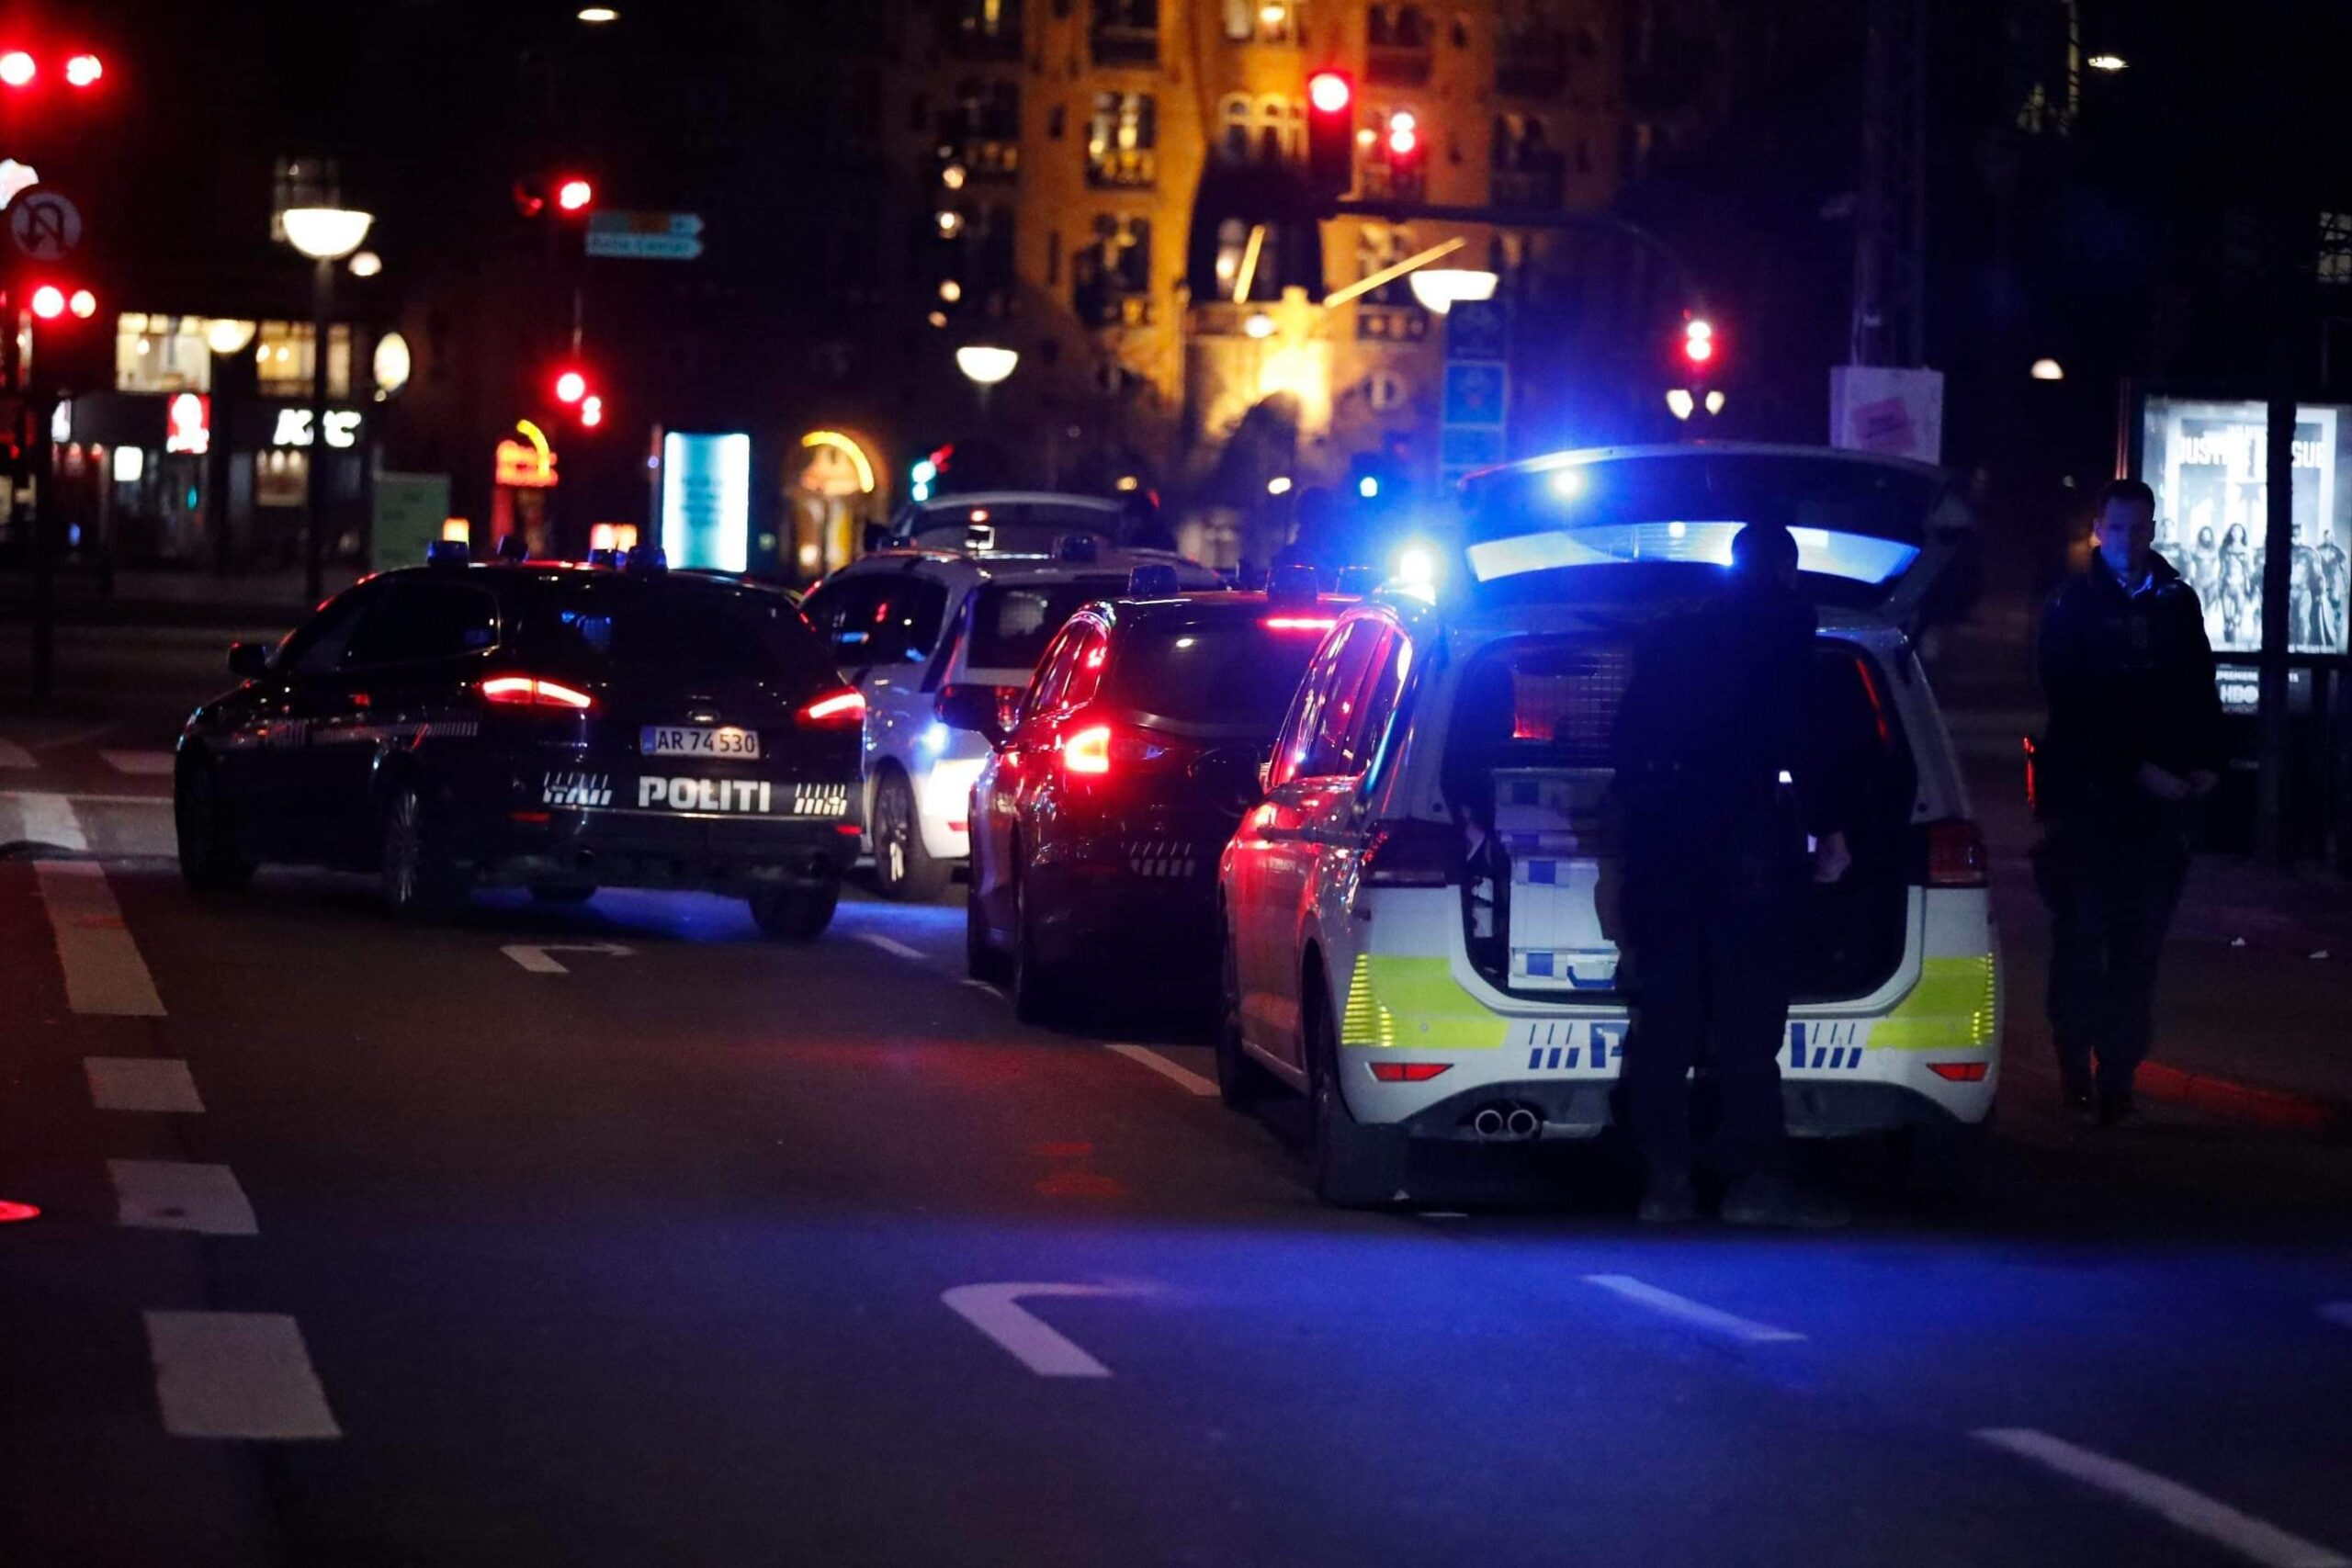 Politiet omringer bil - fem patruljer på plads